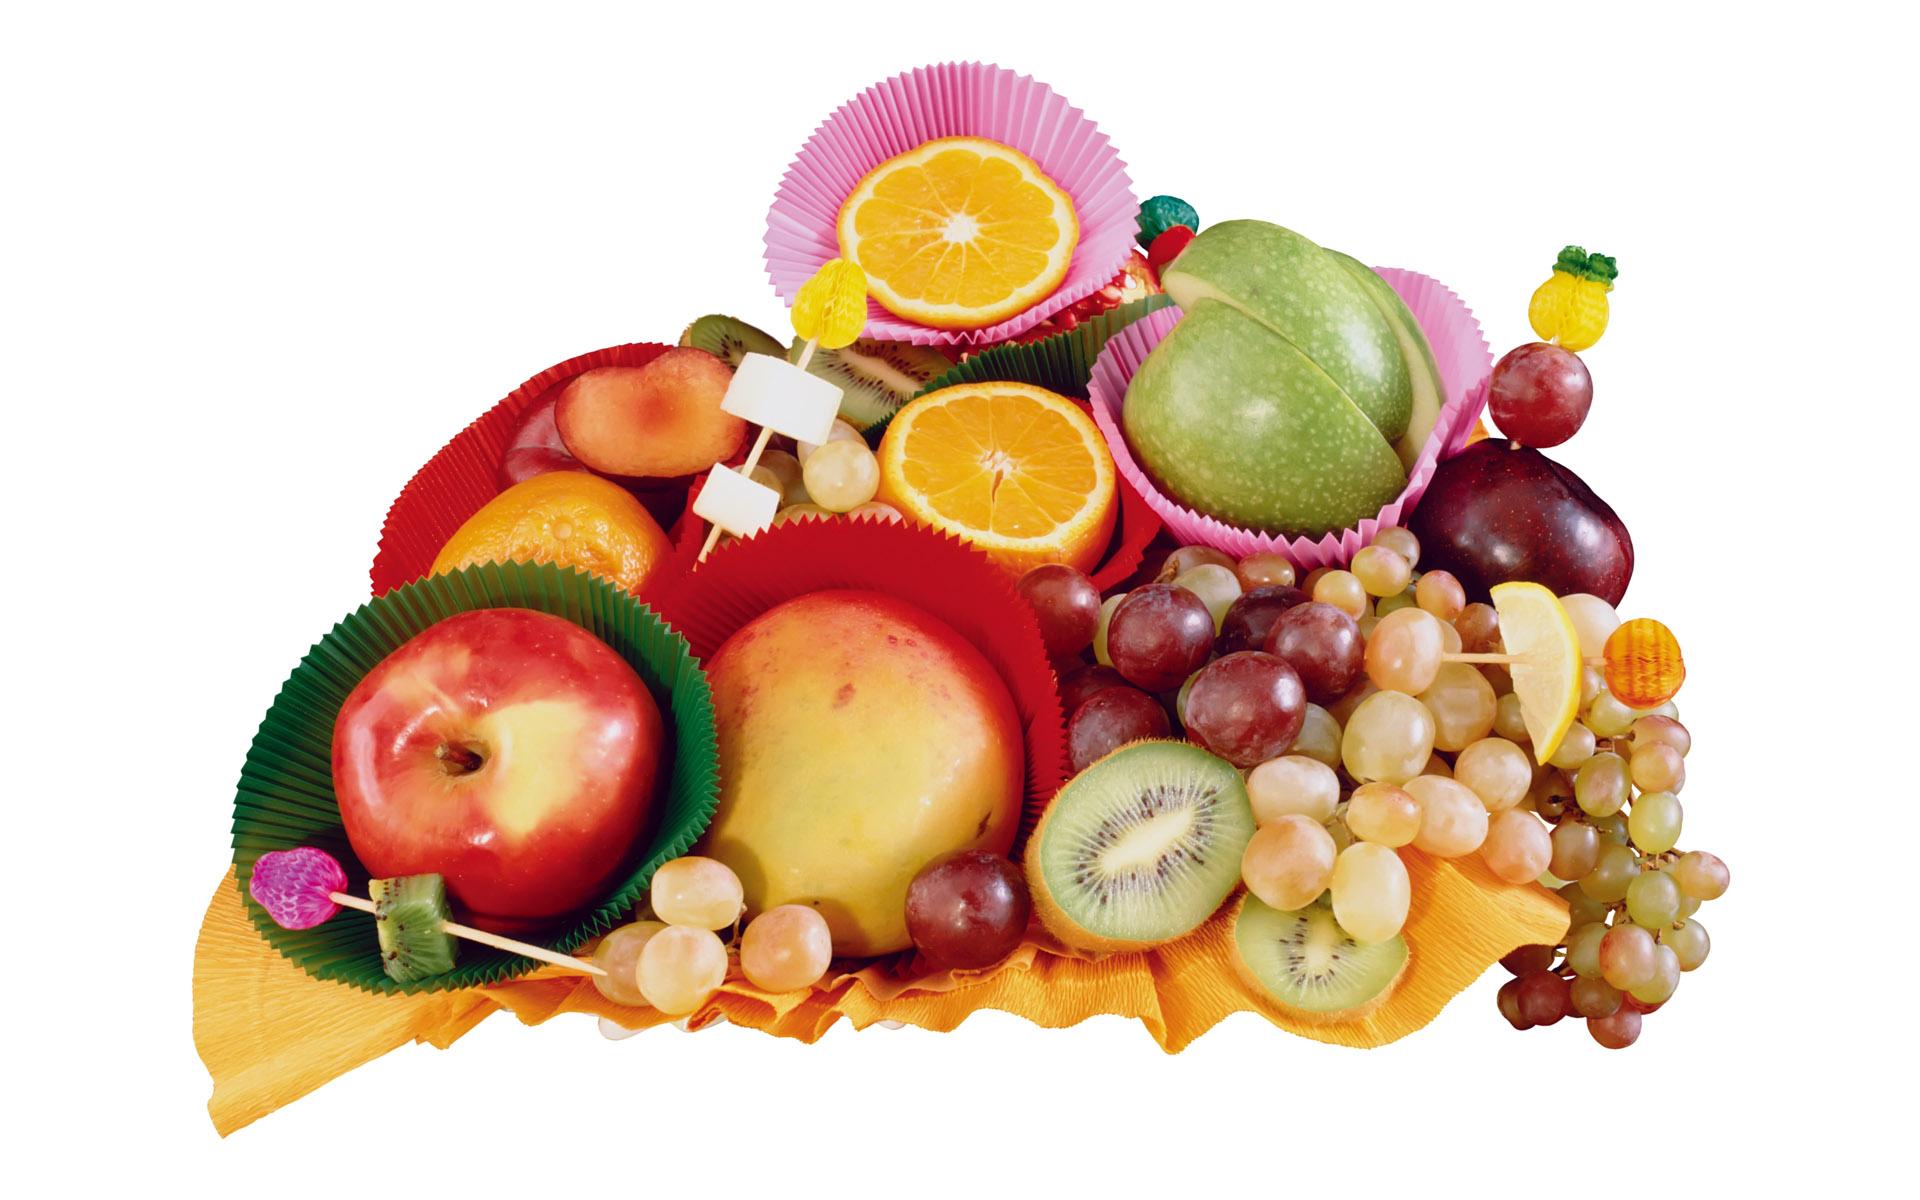 fruit_029.jpg